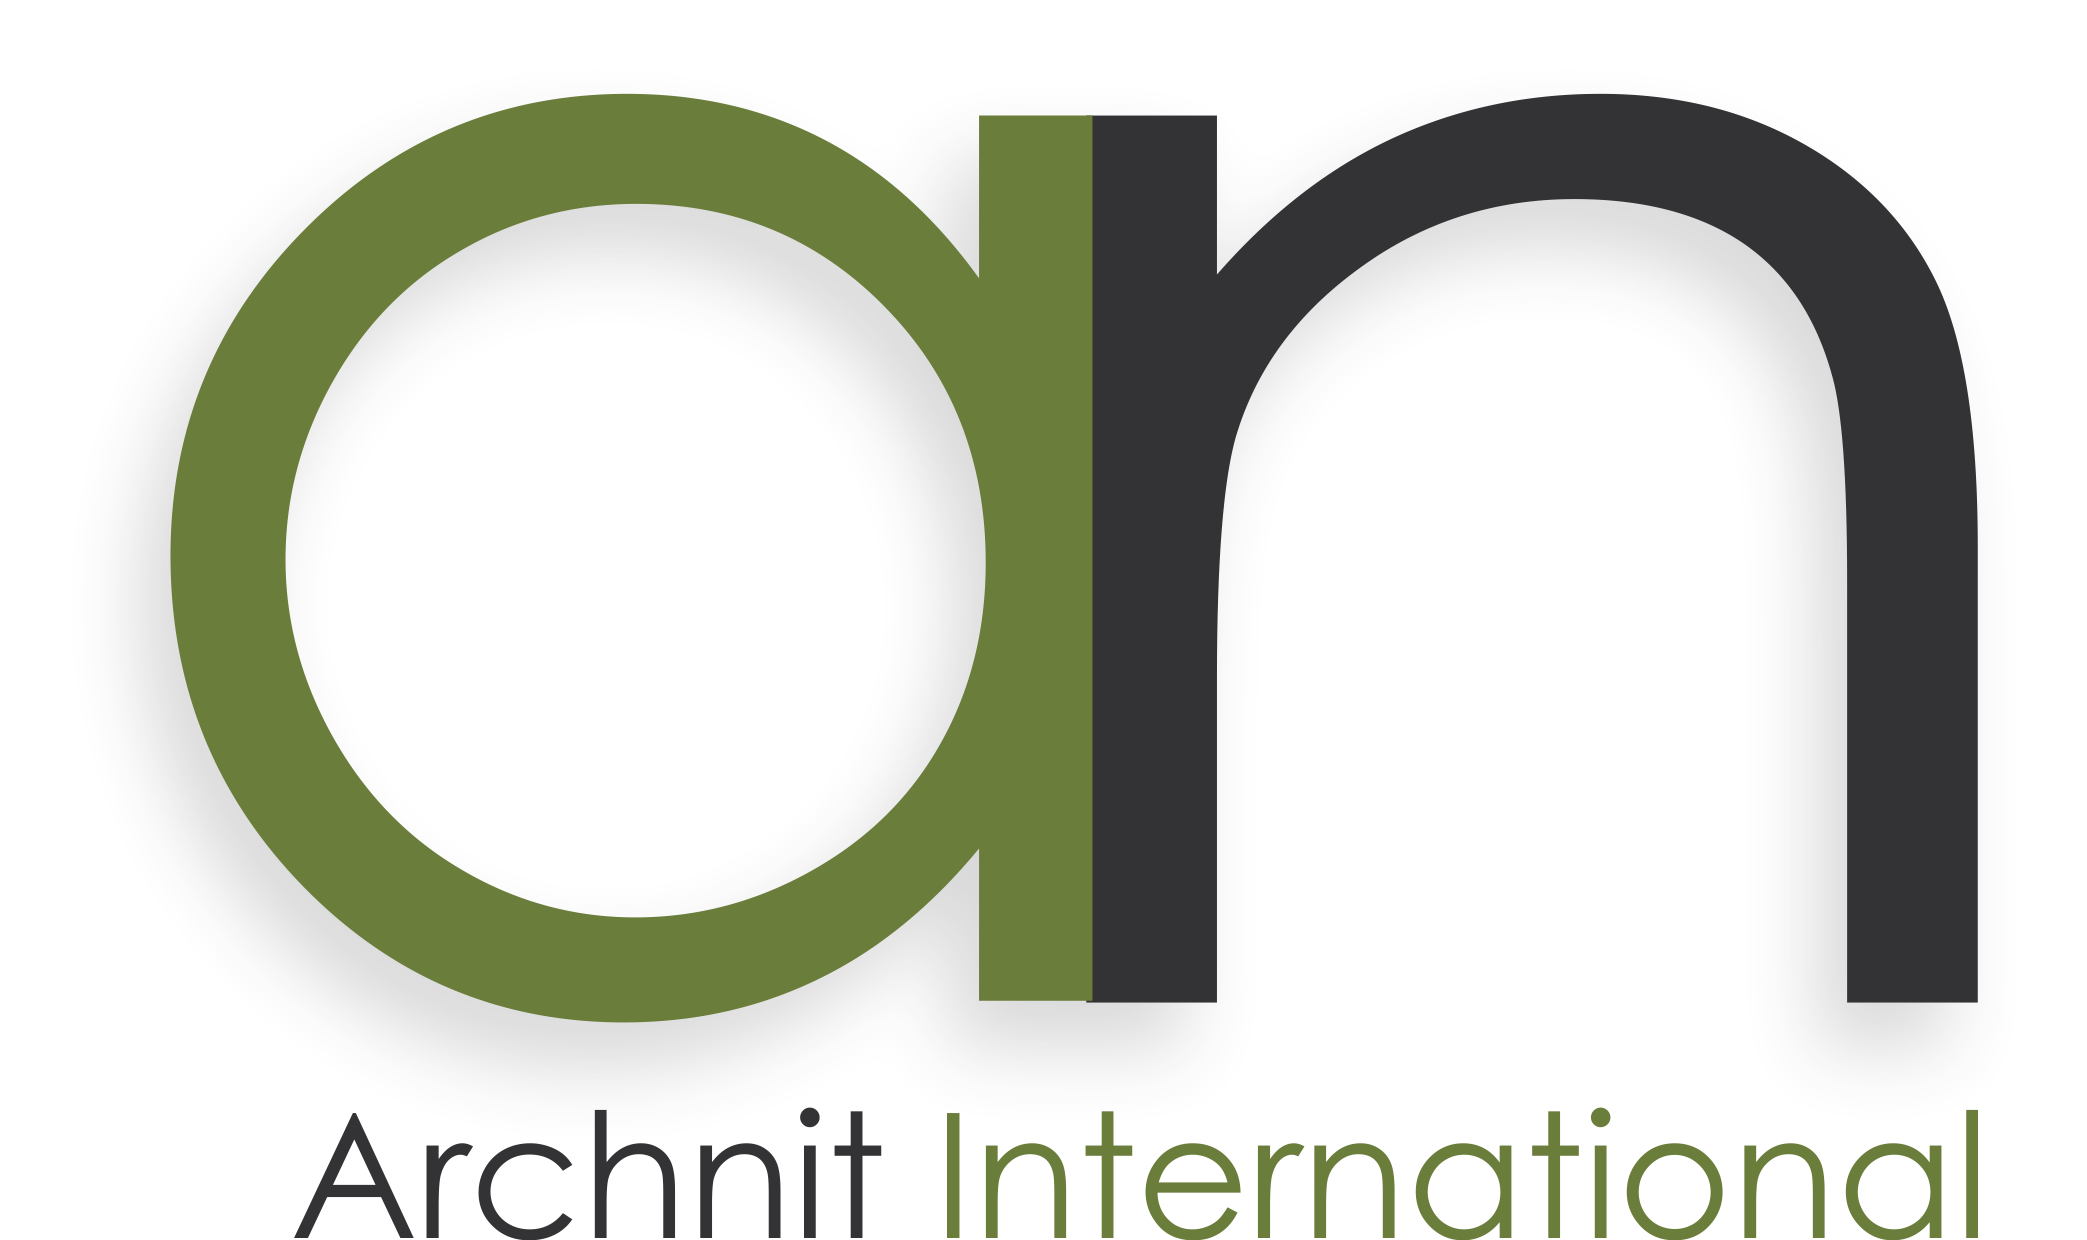 Archnit